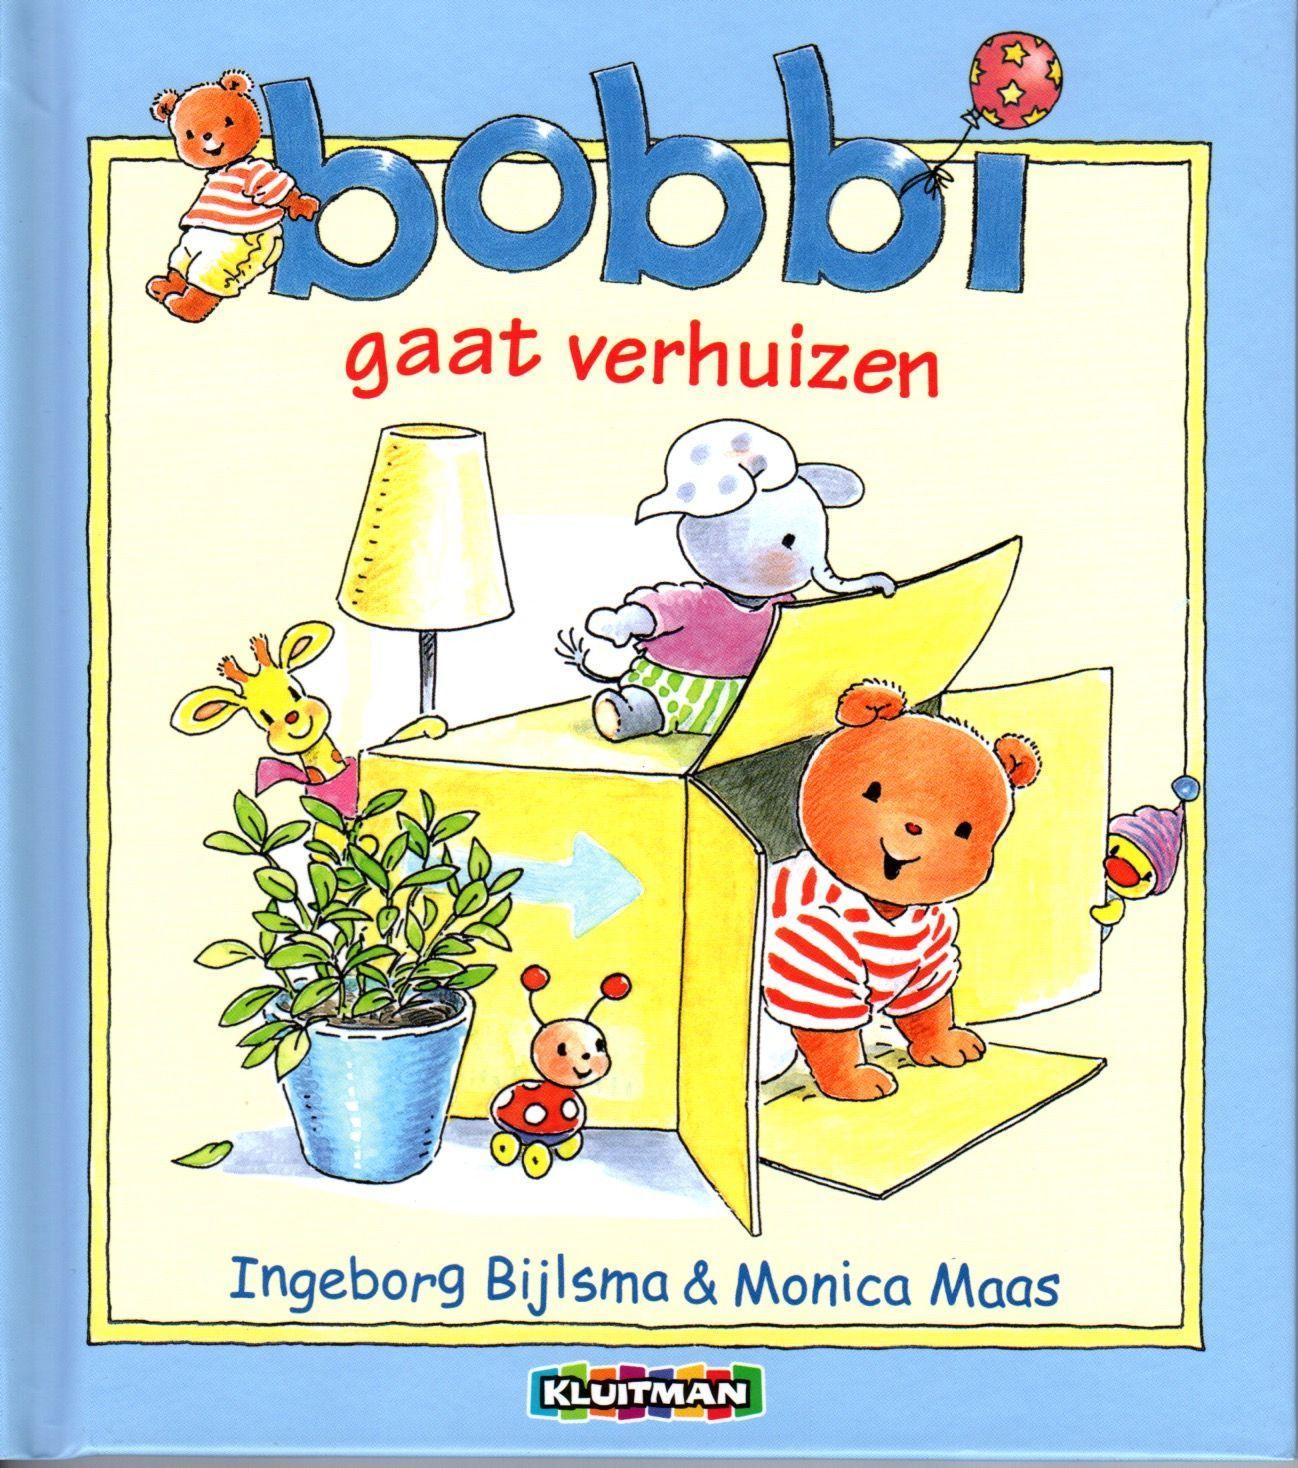 Uitgelezene Bobbi - Ingeborg Bijlsma UW-72